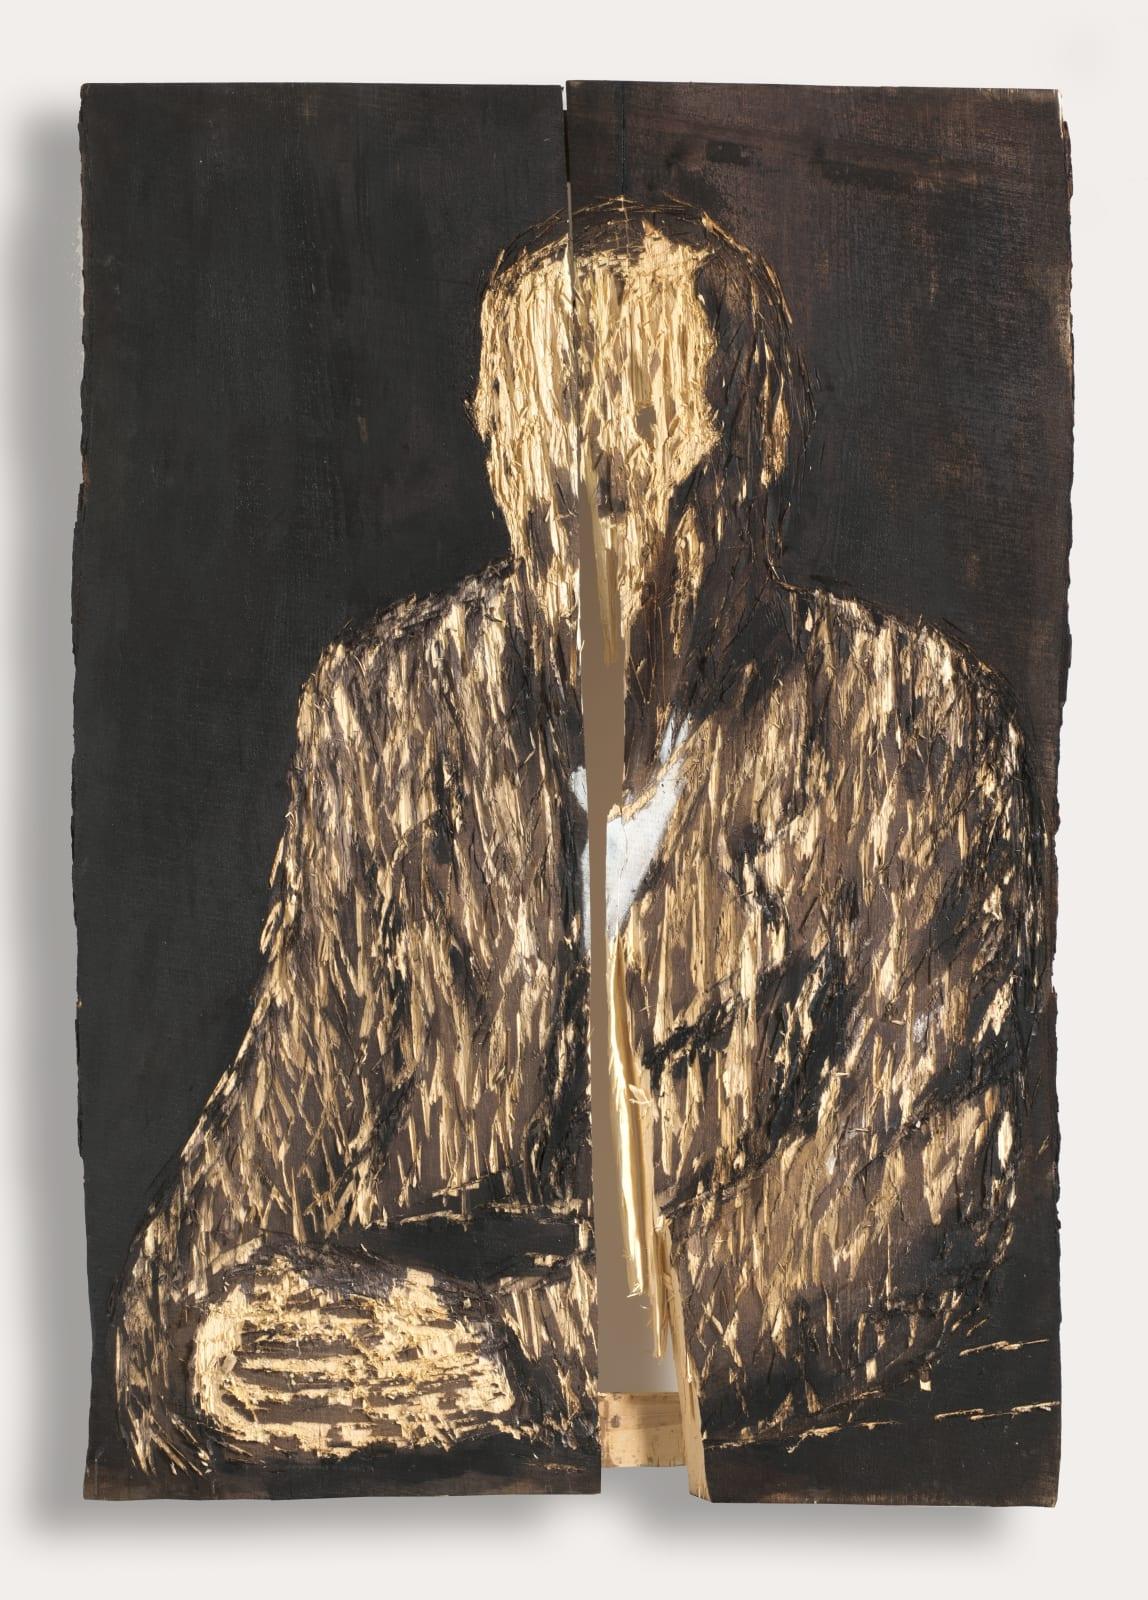 Nestor Engelke Wooden portrait of Fedor Dostoevsky from the series